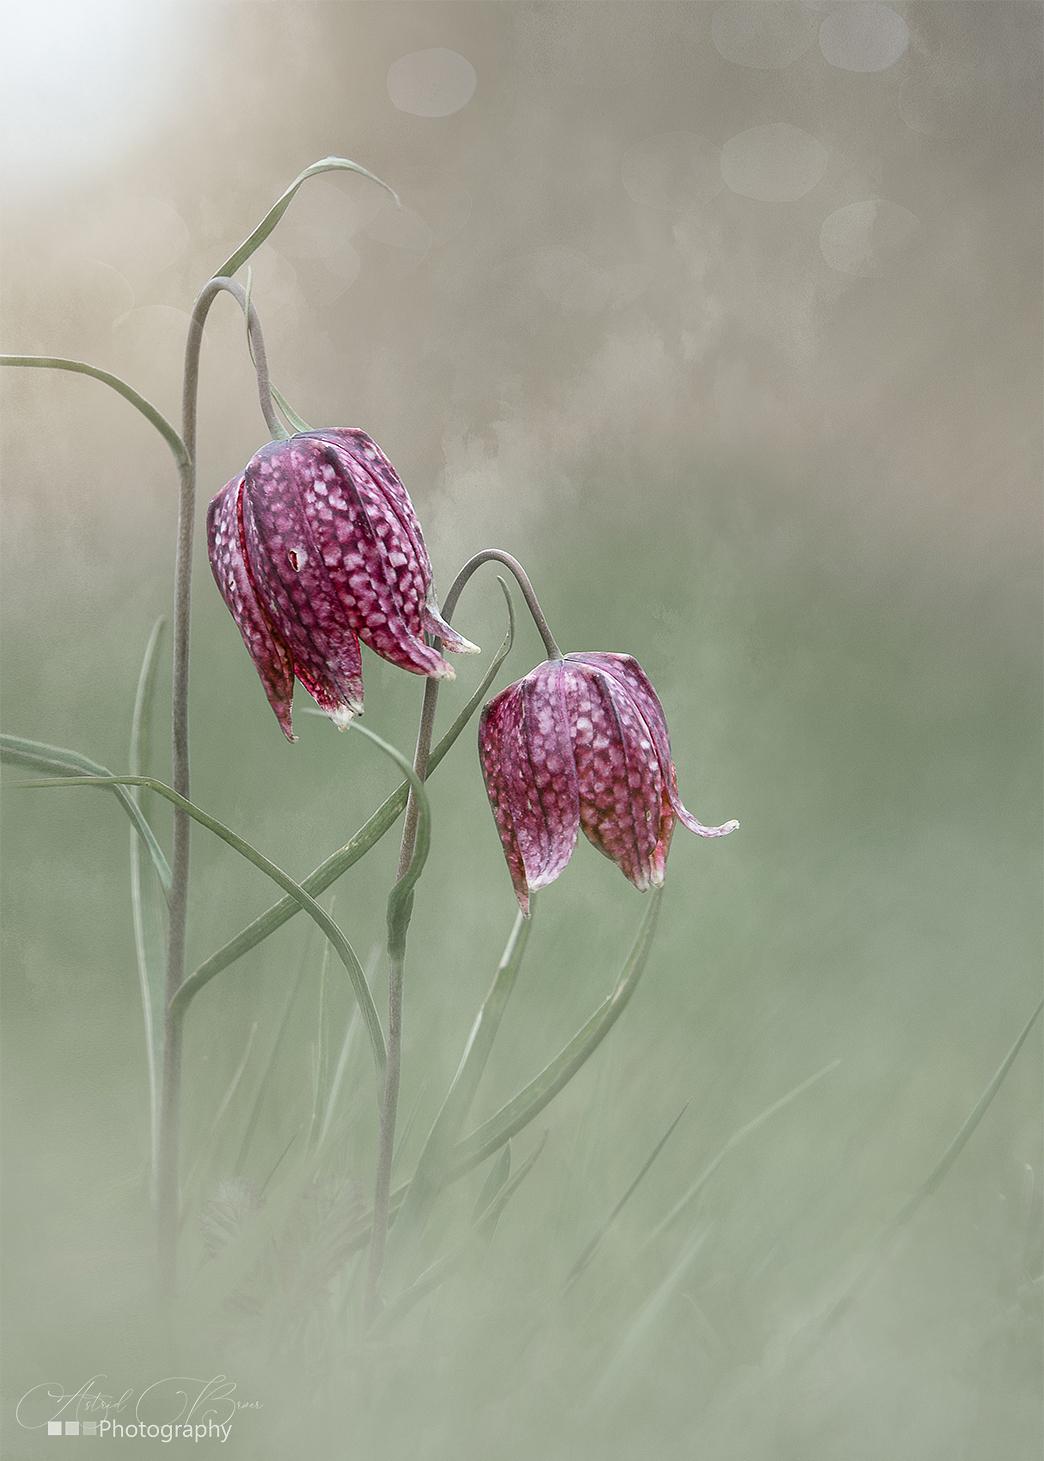 The two of us - Wilde Kievitsbloem - foto door AstridBroer op 14-04-2021 - deze foto bevat: bloem, natuur, wild, macro, paars, voorjaar, lente, zachtheid, groen, bokeh, pastel, bloem, snake's hoofd, bloemblaadje, fabriek, takje, creatieve kunsten, kunst, pedicel, magenta, bloeiende plant